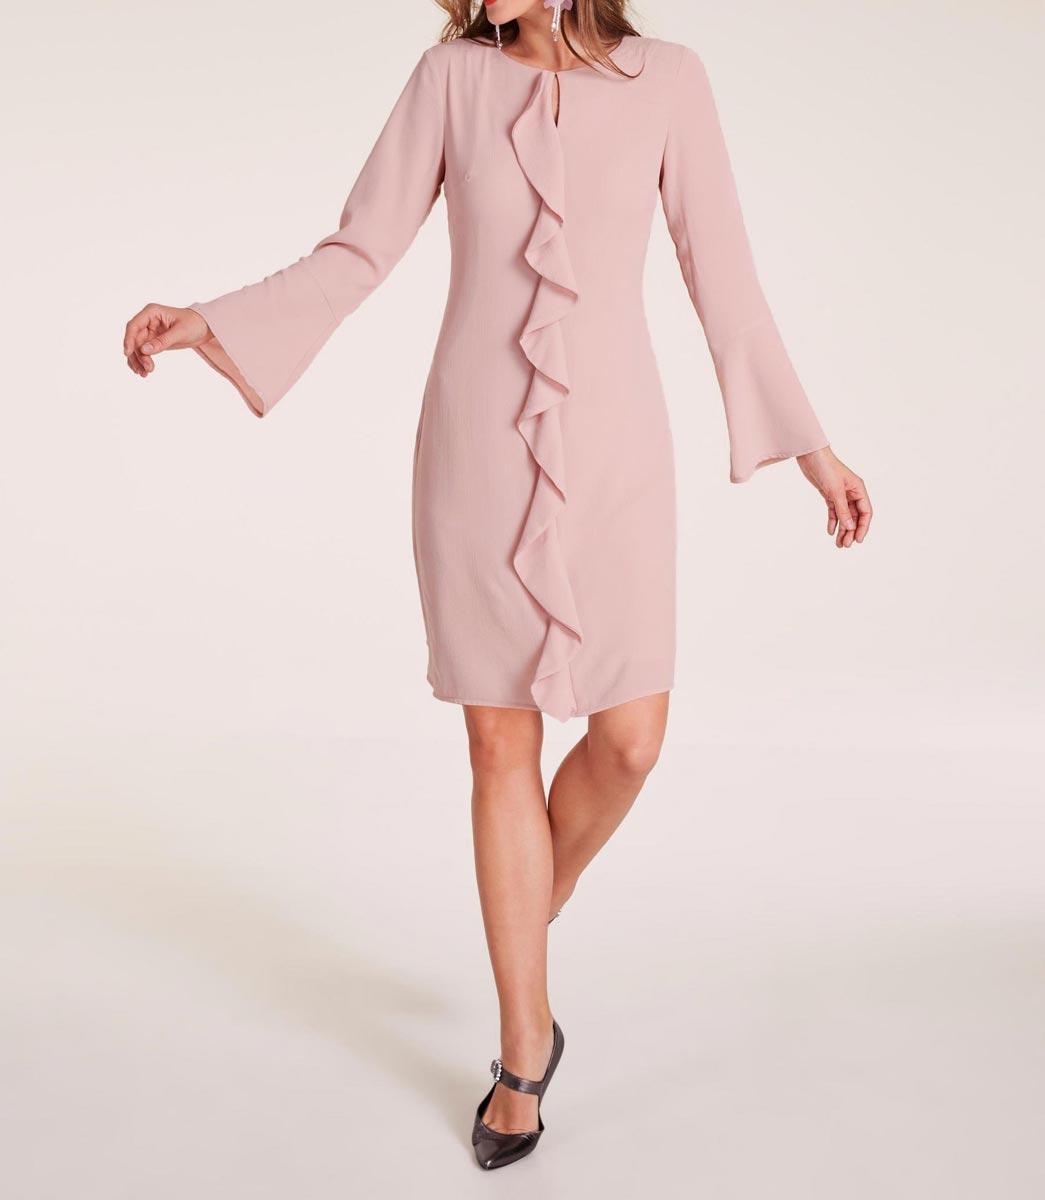 business kleider für damen HEINE Damen Designer-Etuikleid m. Volants Rosé 623.930 Missforty